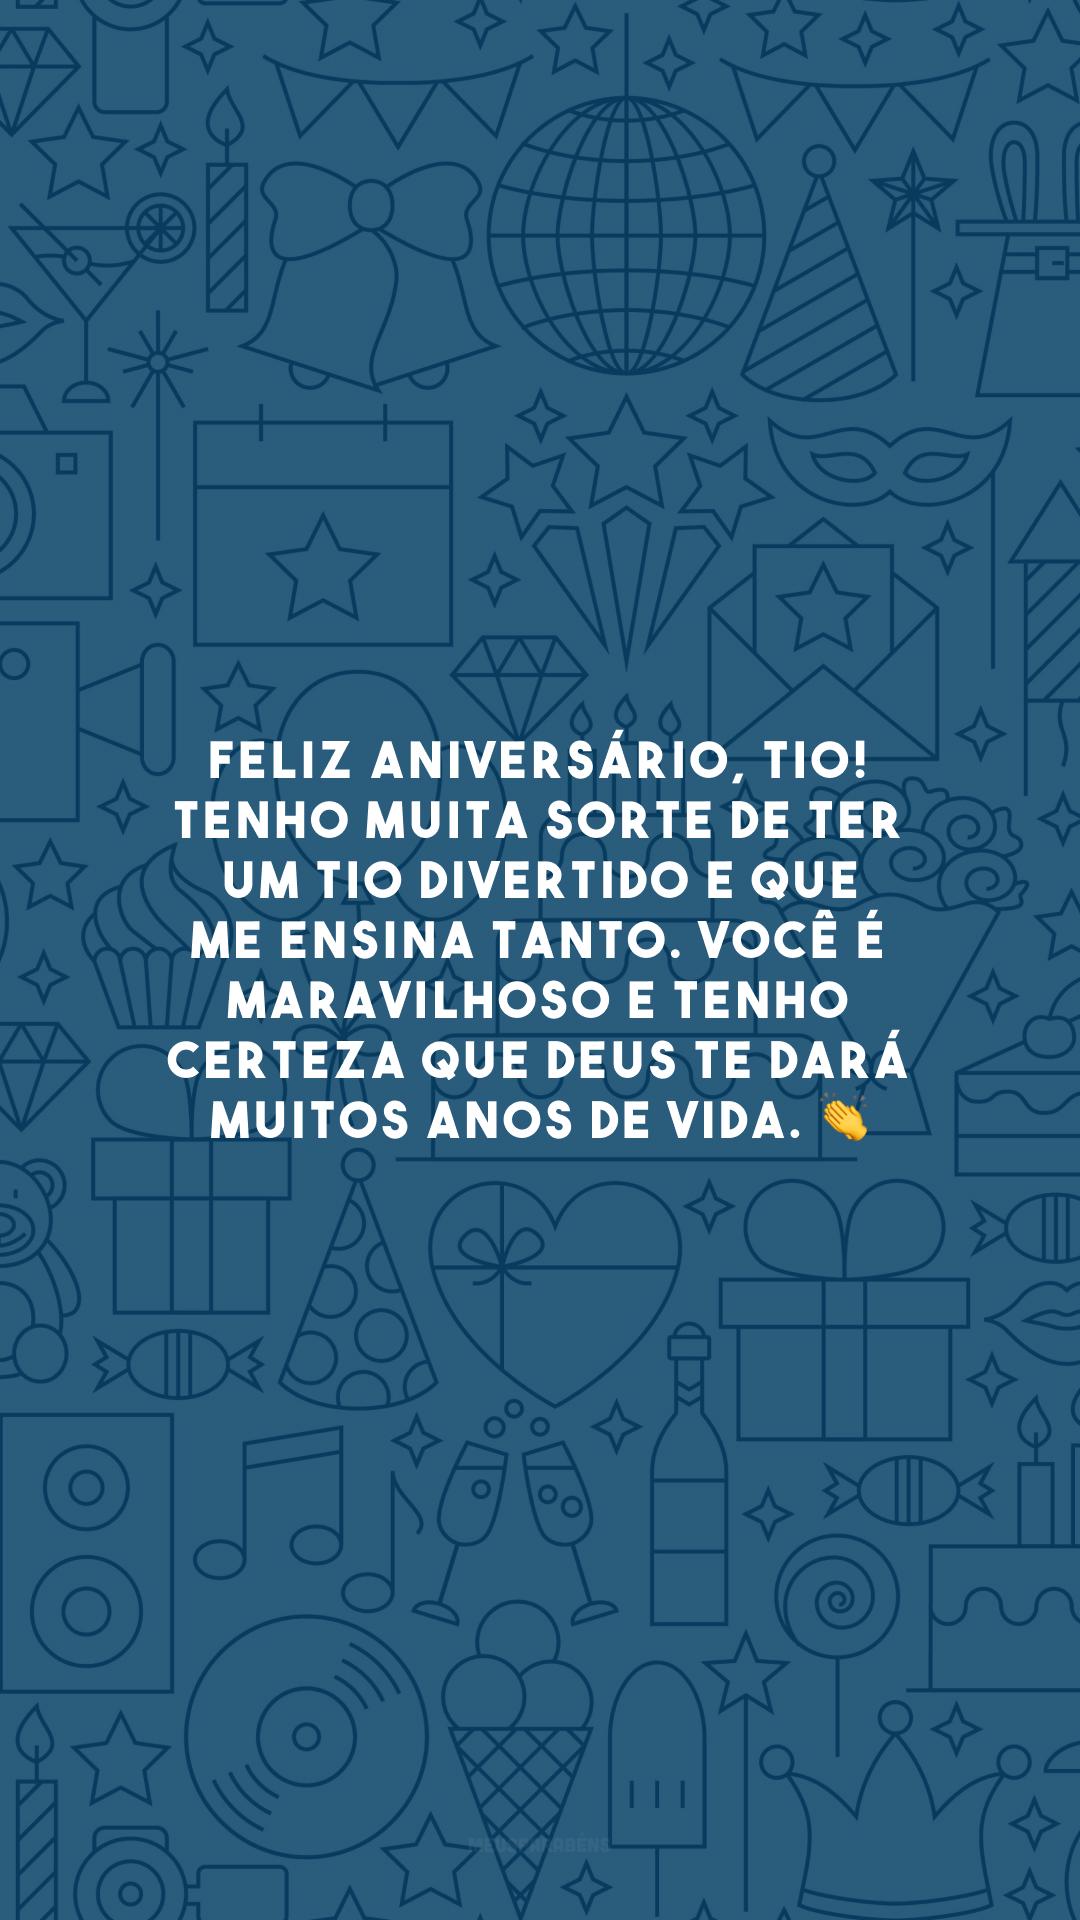 Feliz aniversário, tio! Tenho muita sorte de ter um tio divertido e que me ensina tanto. Você é maravilhoso e tenho certeza que Deus te dará muitos anos de vida. 👏